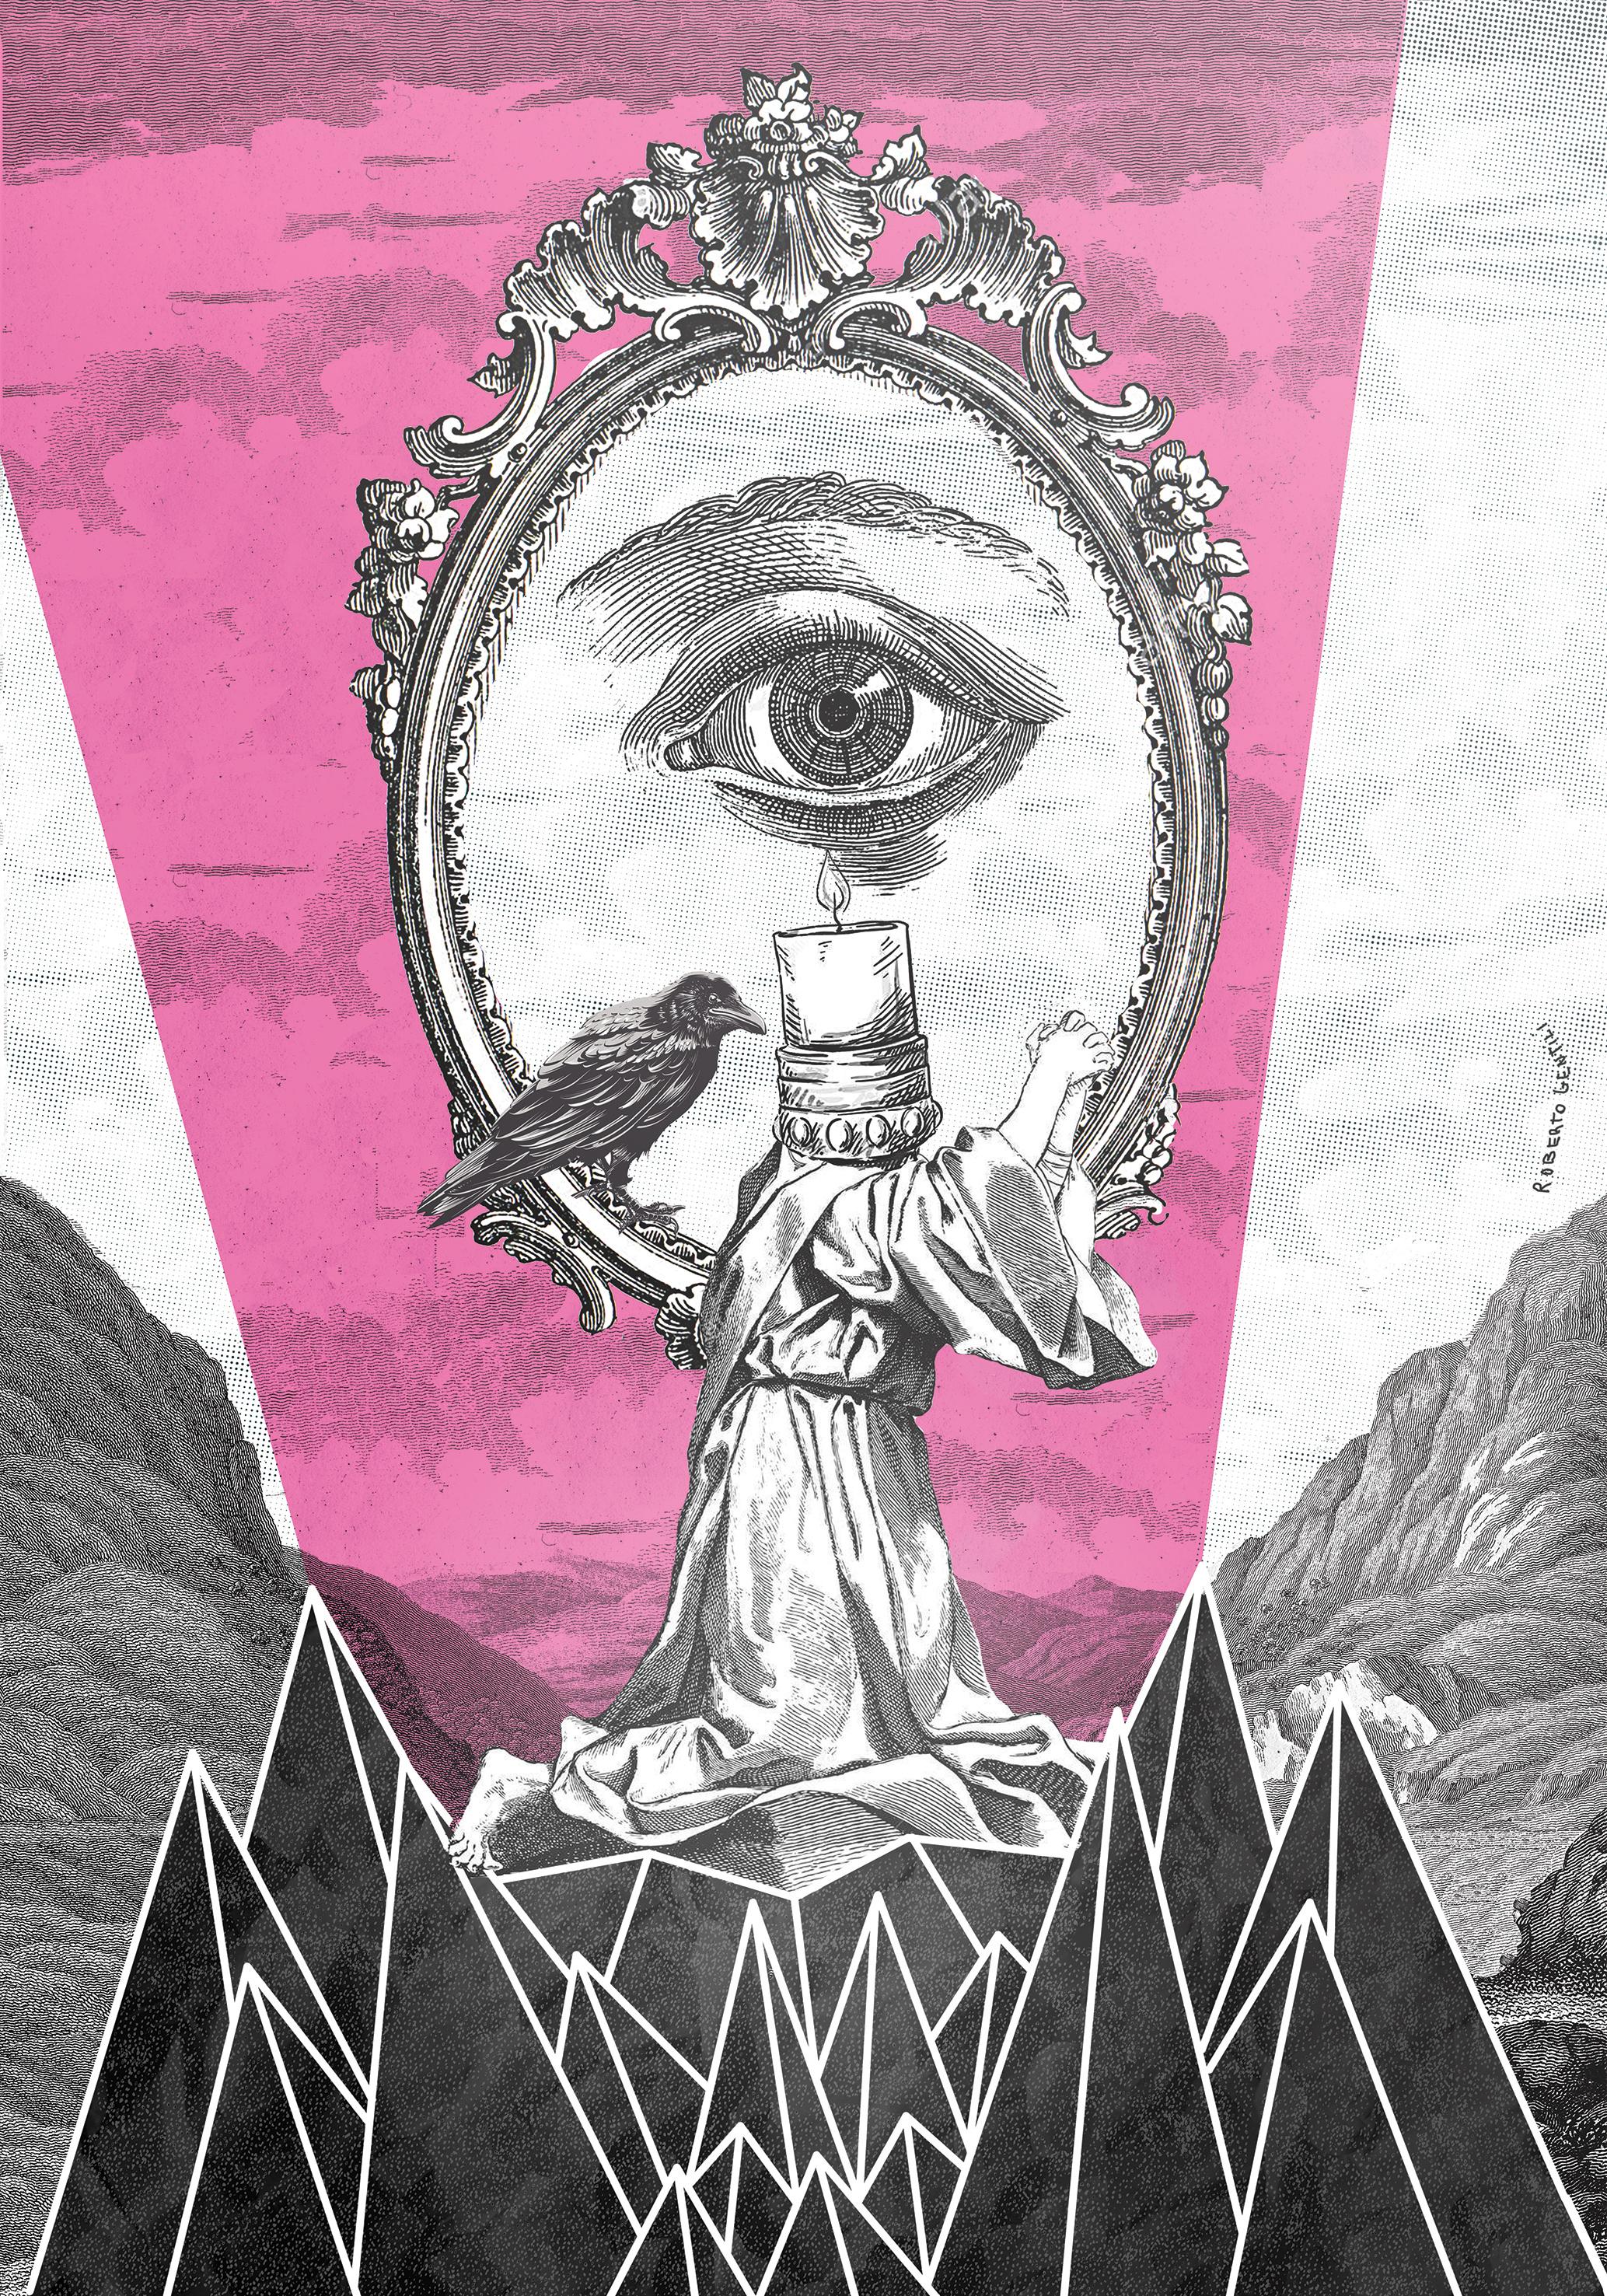 Visions, la visione post apocalittica nei poster di Roberto Gentili | Collater.al 2